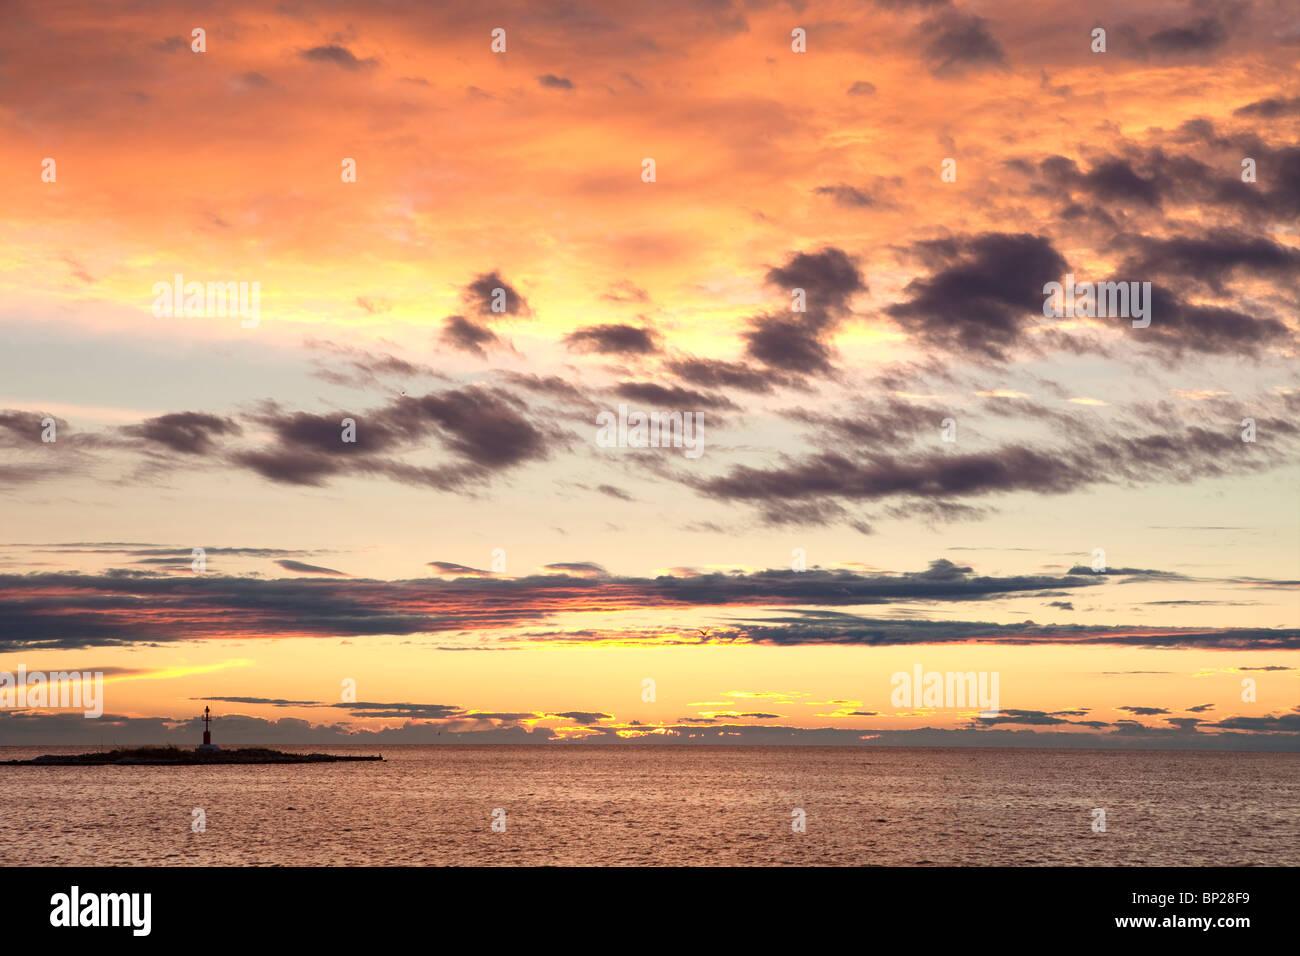 Croatie - Ciel et nuages colorés après le coucher du soleil sur la mer Adriatique Photo Stock